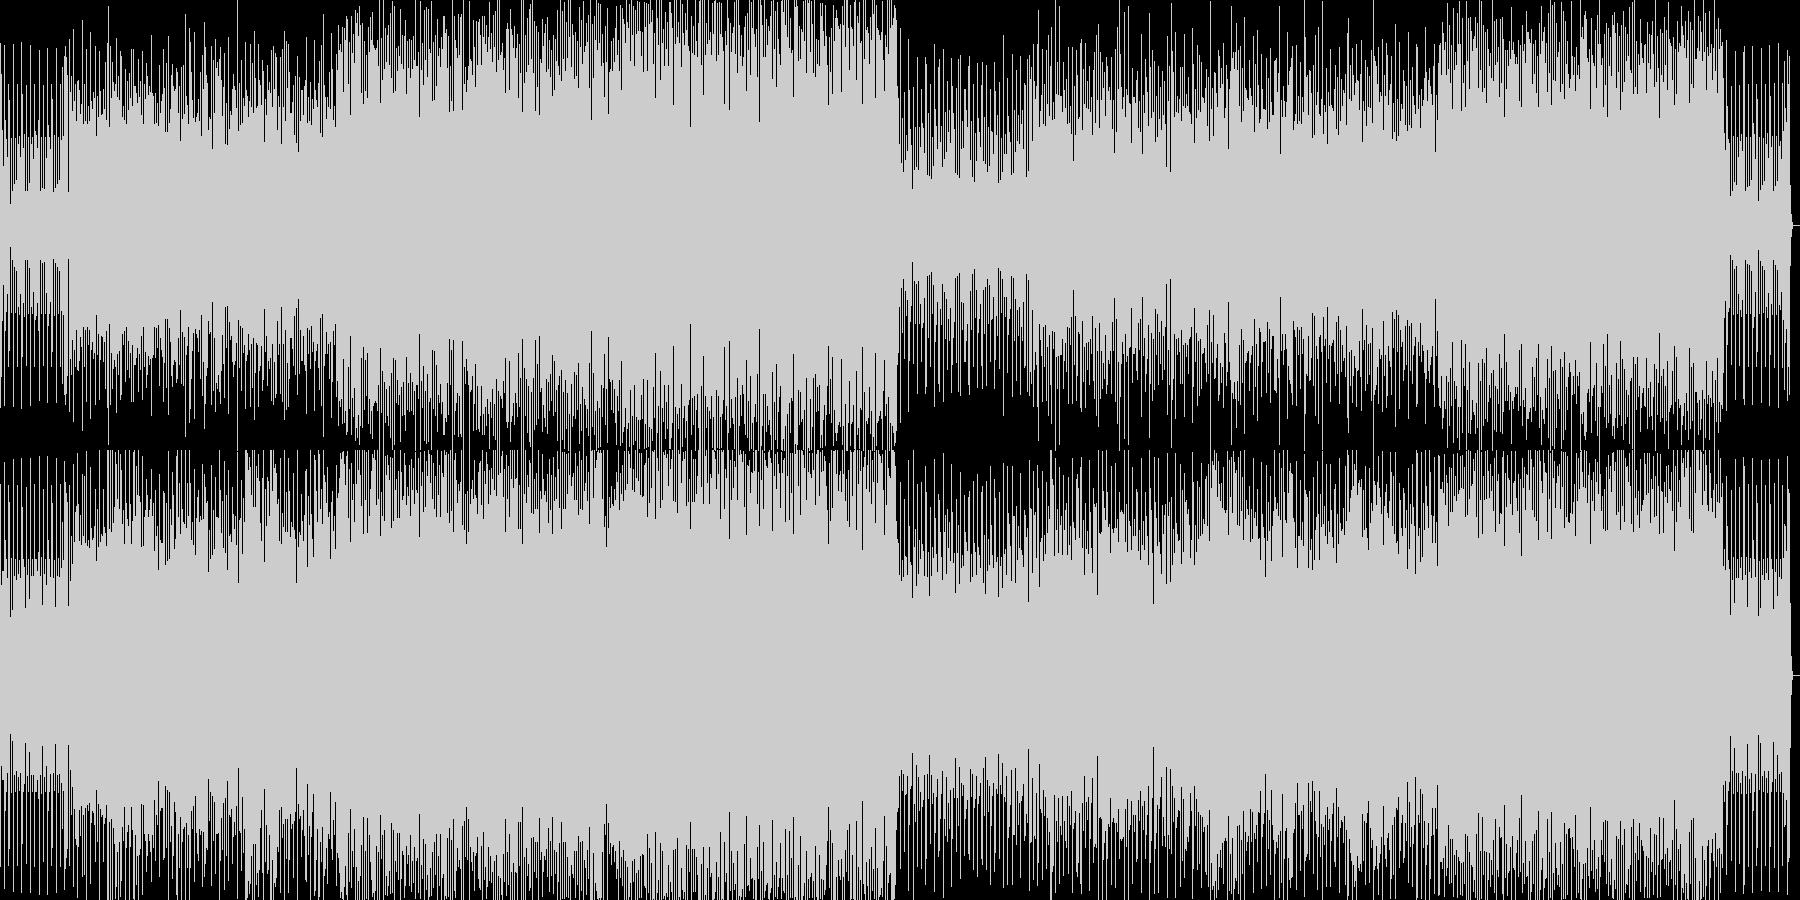 クリスマスをテーマにした軽快なBGMの未再生の波形